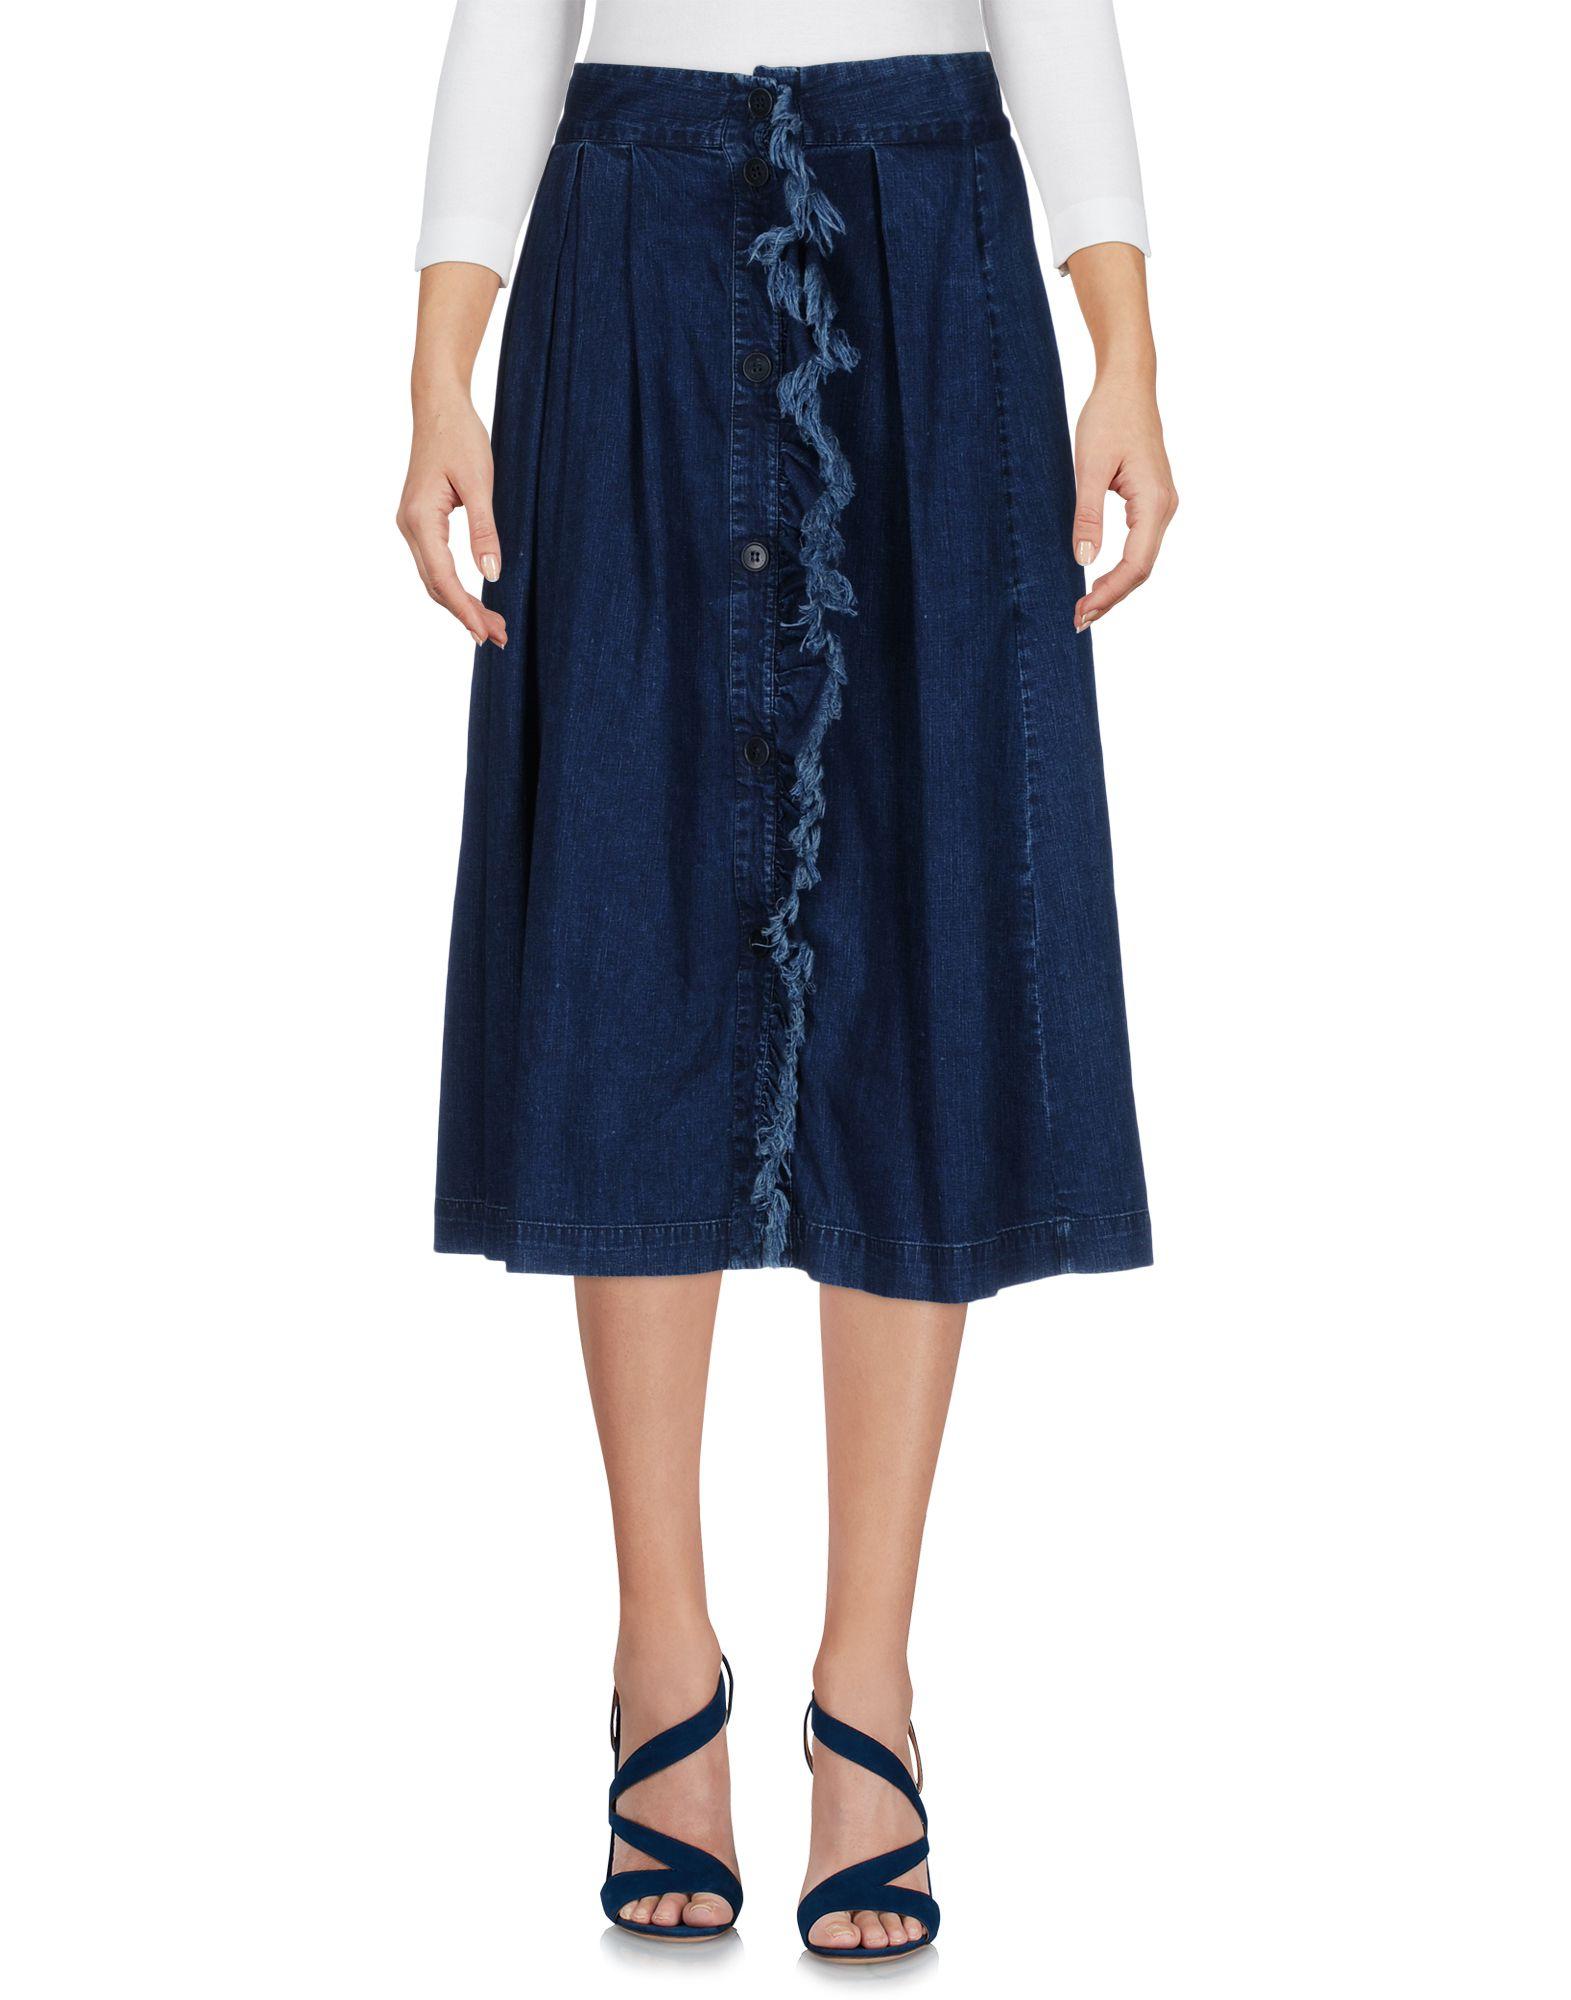 BAND OF OUTSIDERS Damen Jeansrock Farbe Blau Größe 2